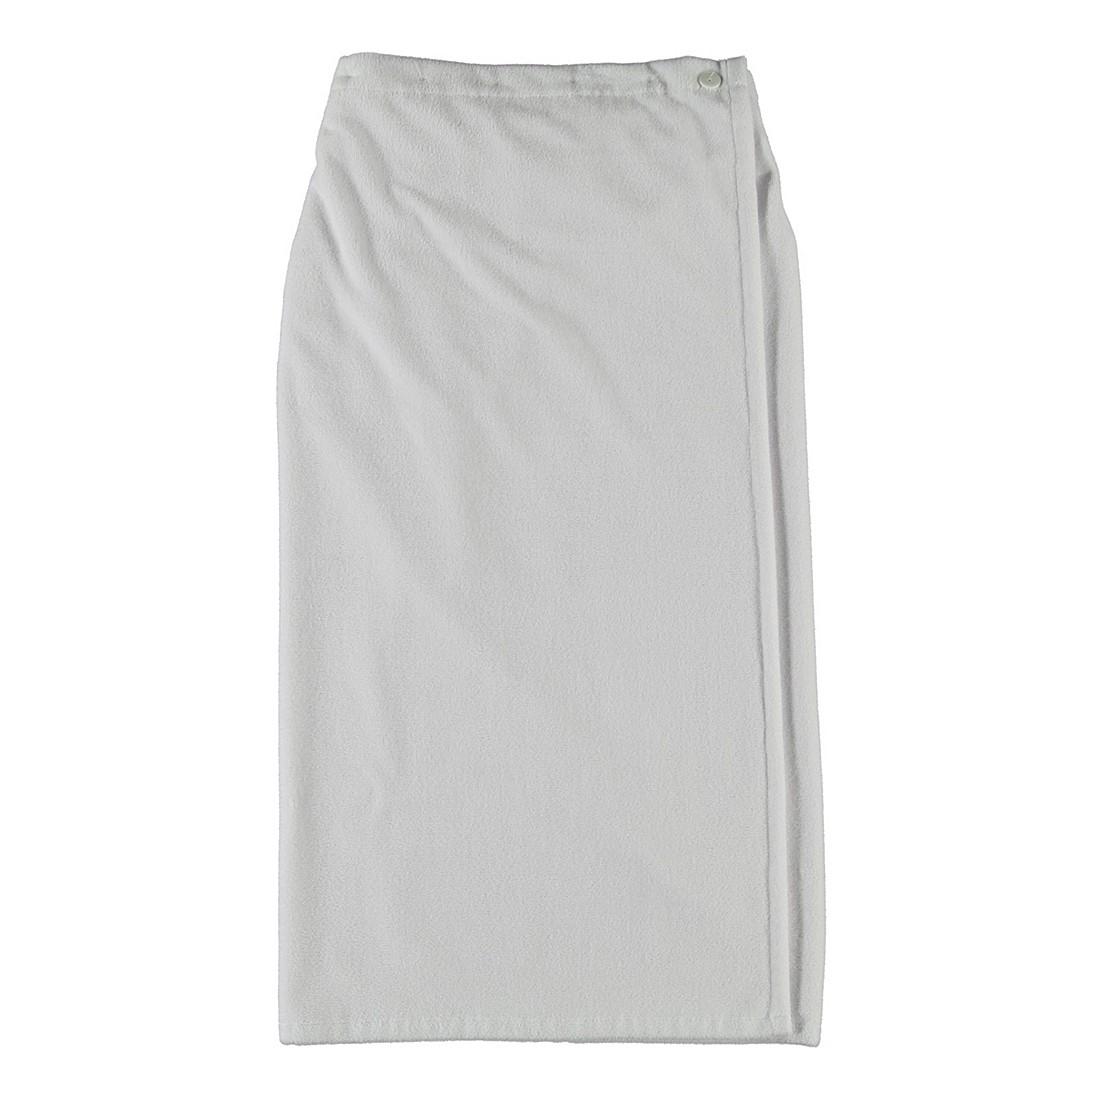 Saunasarong Clara – Damen Multifaser  – 40% Polyester, 30% Baumwolle, 30% Viskose weiß, Morgenstern jetzt bestellen